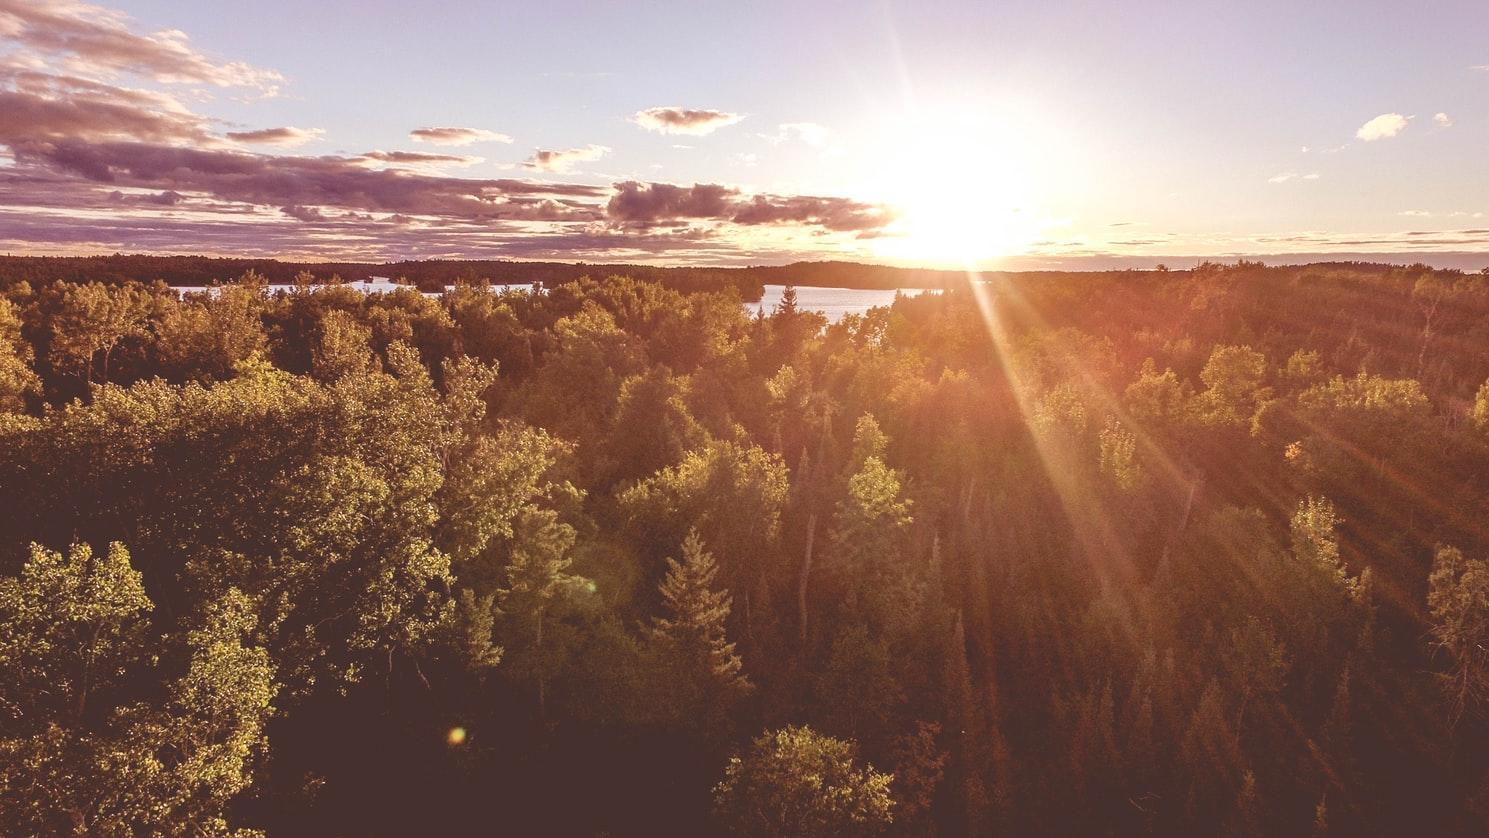 E:\sunlight.jpg